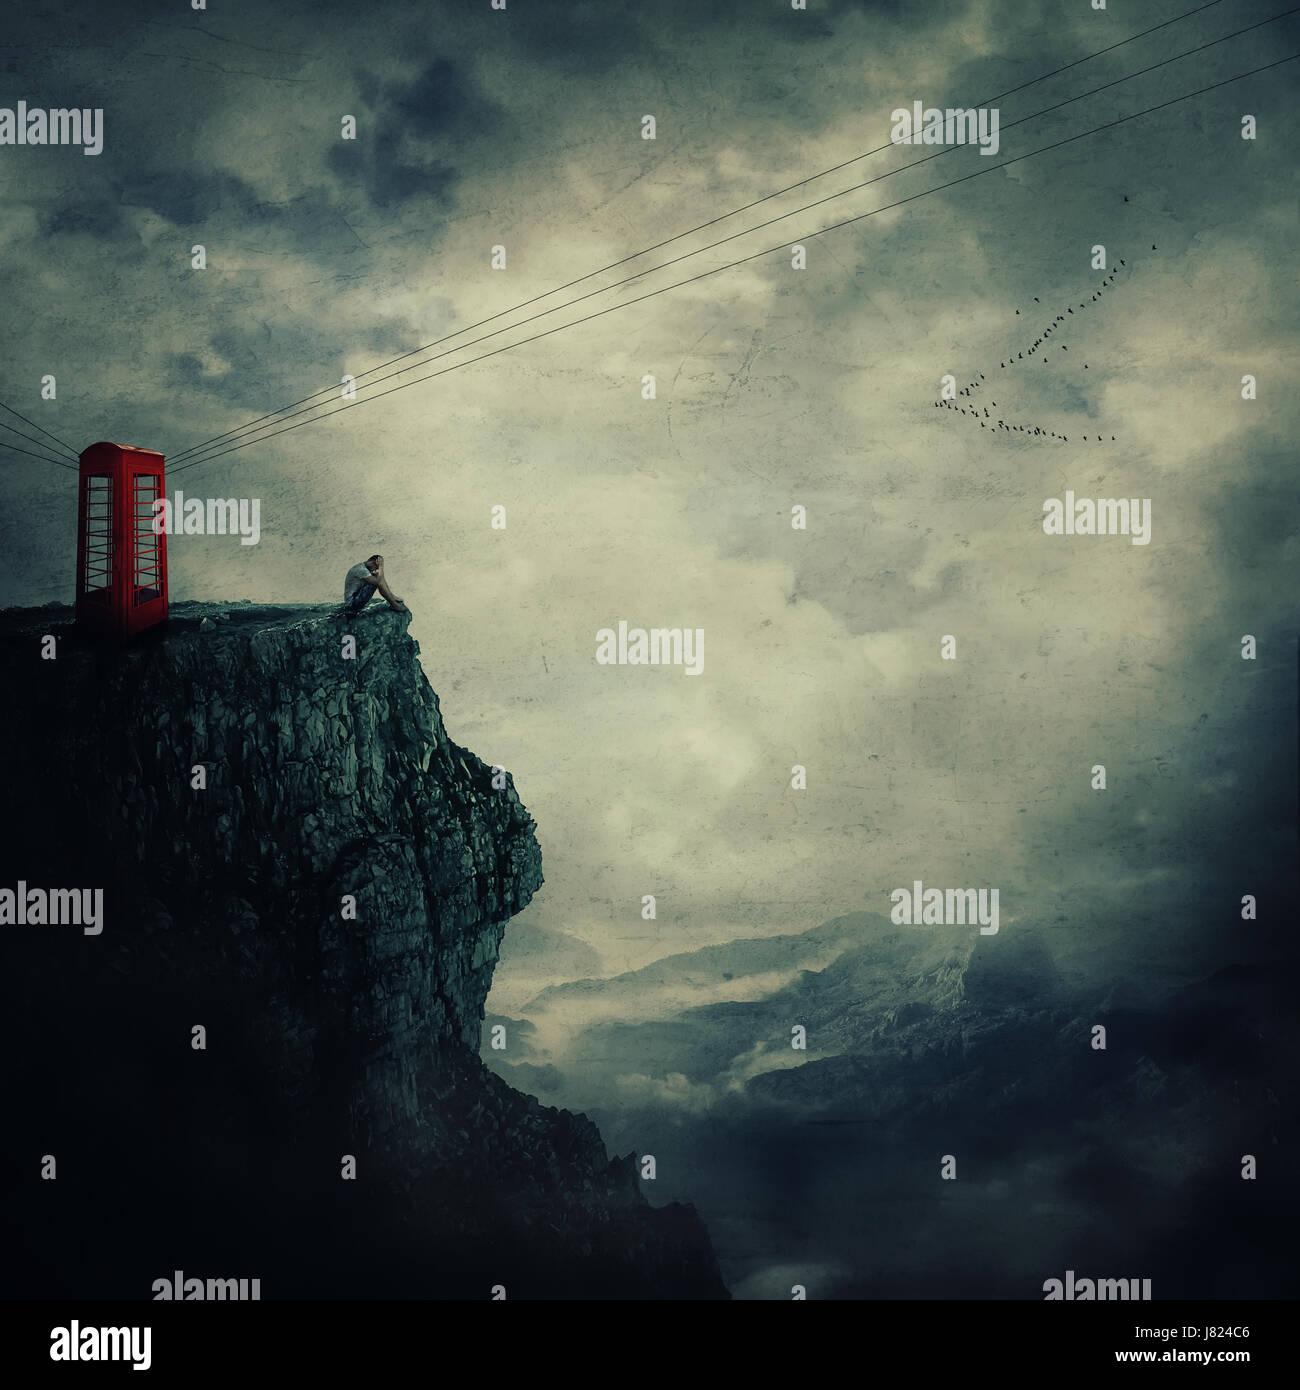 Vista surrealista como un triste, joven, de pie en el borde de un acantilado cerca de una caja de teléfono rojo, Foto de stock